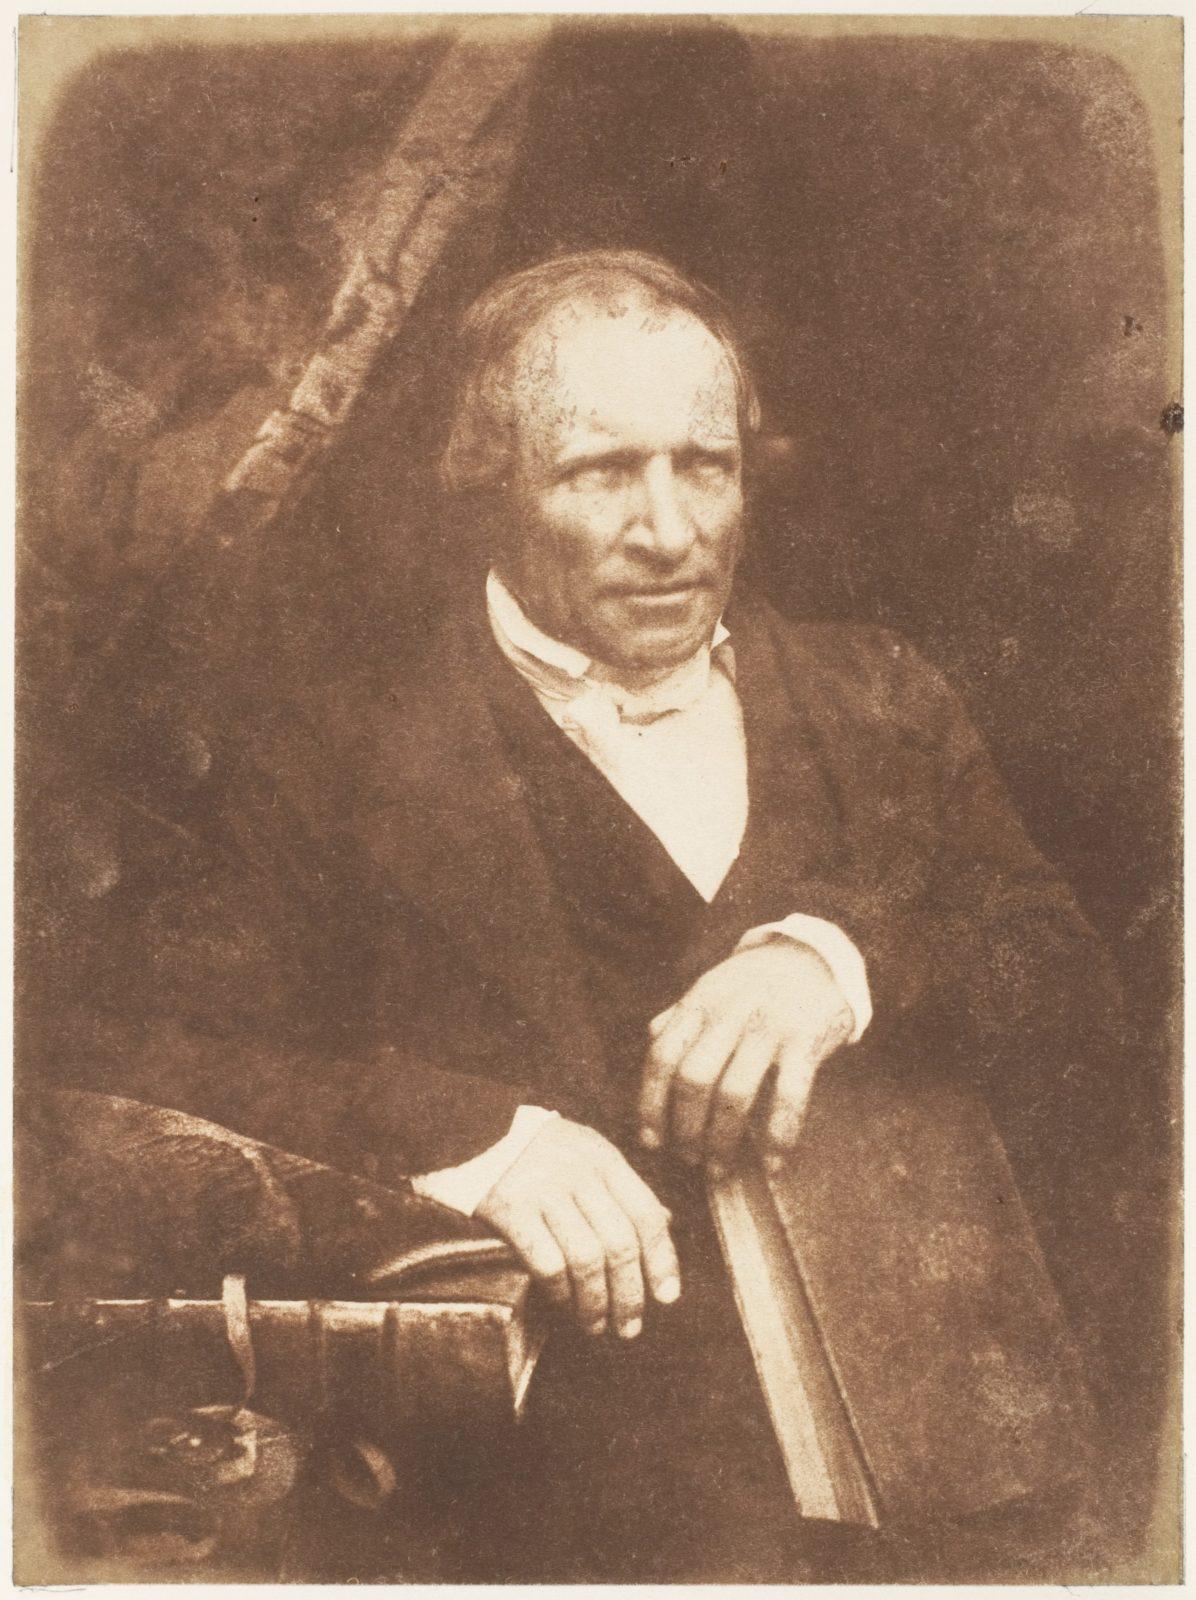 Rev. Dr. Keith